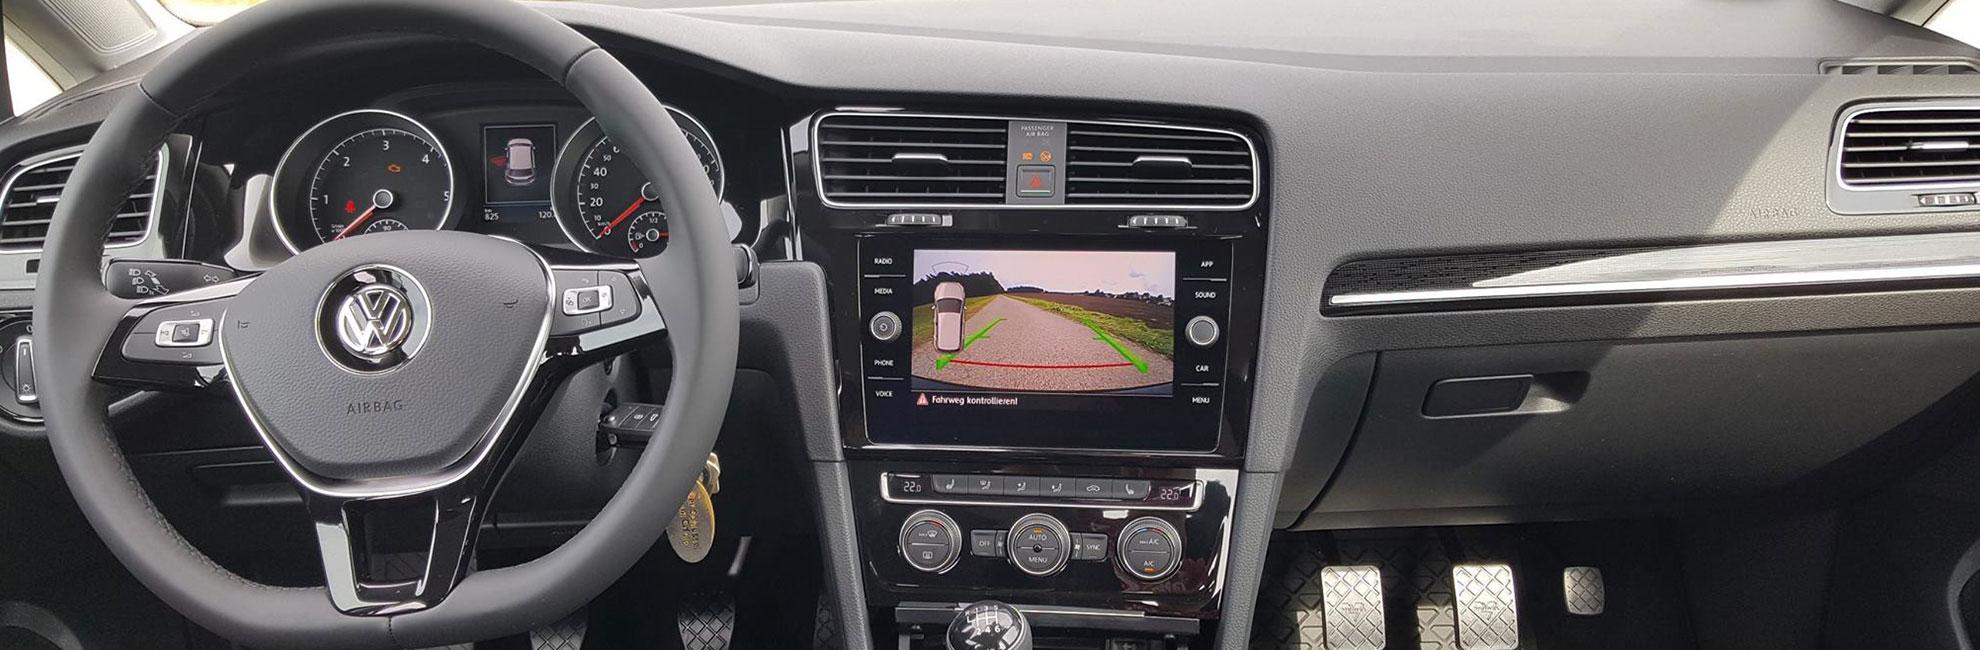 Fahrschule Löhn - Cockpit Fahrschulauto VW Golf